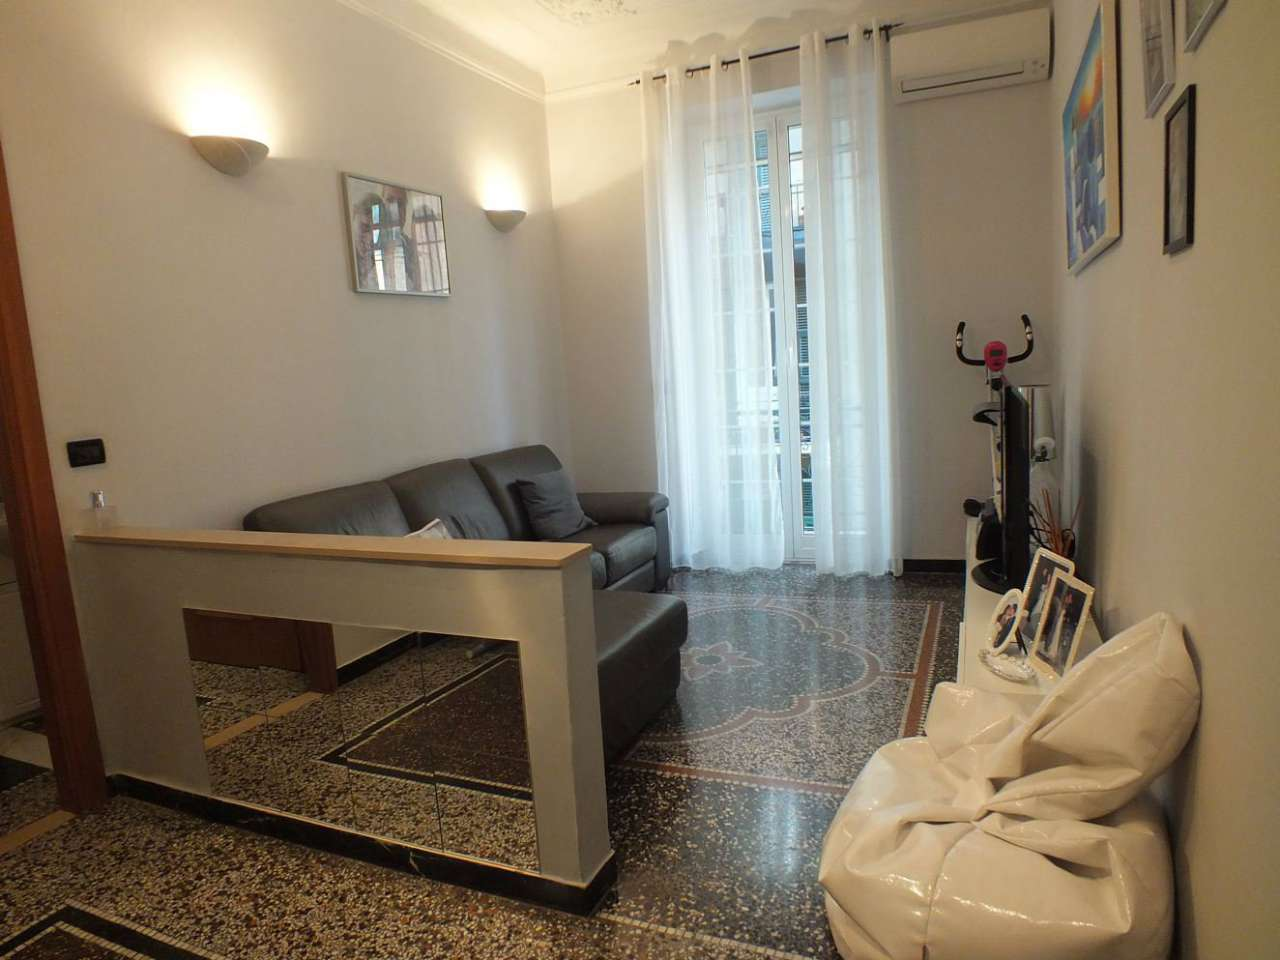 Appartamento in vendita a Genova, 5 locali, zona Zona: 13 . Sestri Ponente, Medio Ponente, prezzo € 129.000 | Cambio Casa.it